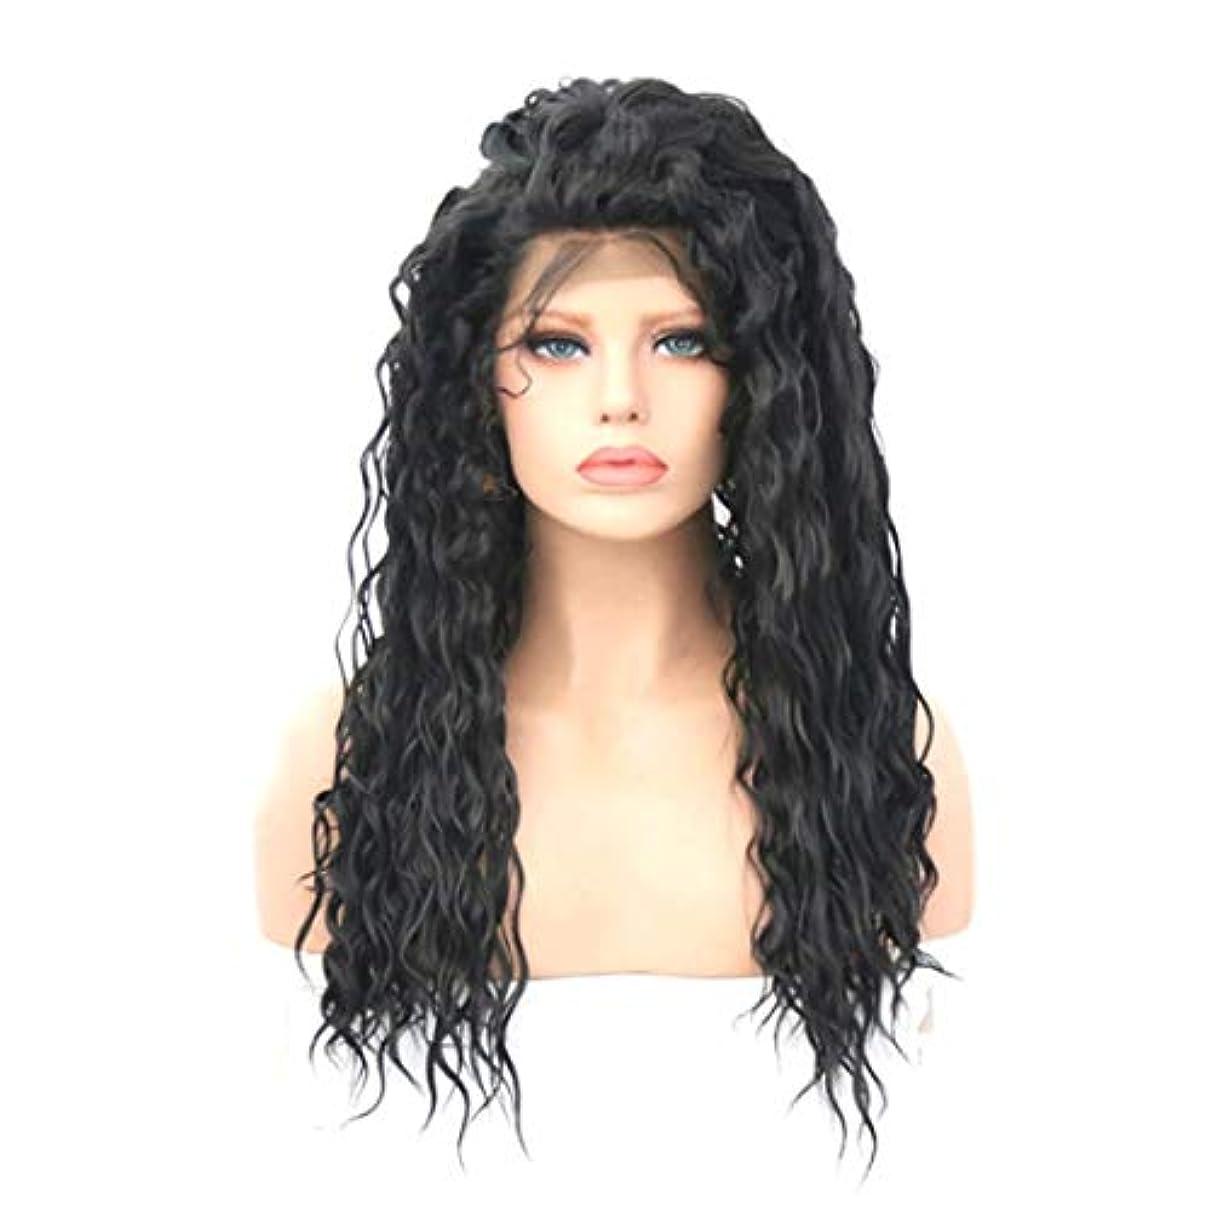 北米提唱するガレージSummerys 女性のための長い巻き毛のかつらかつらかつらと人工的な毛髪のかつら本物の髪として自然なかつら (Size : 16inch)